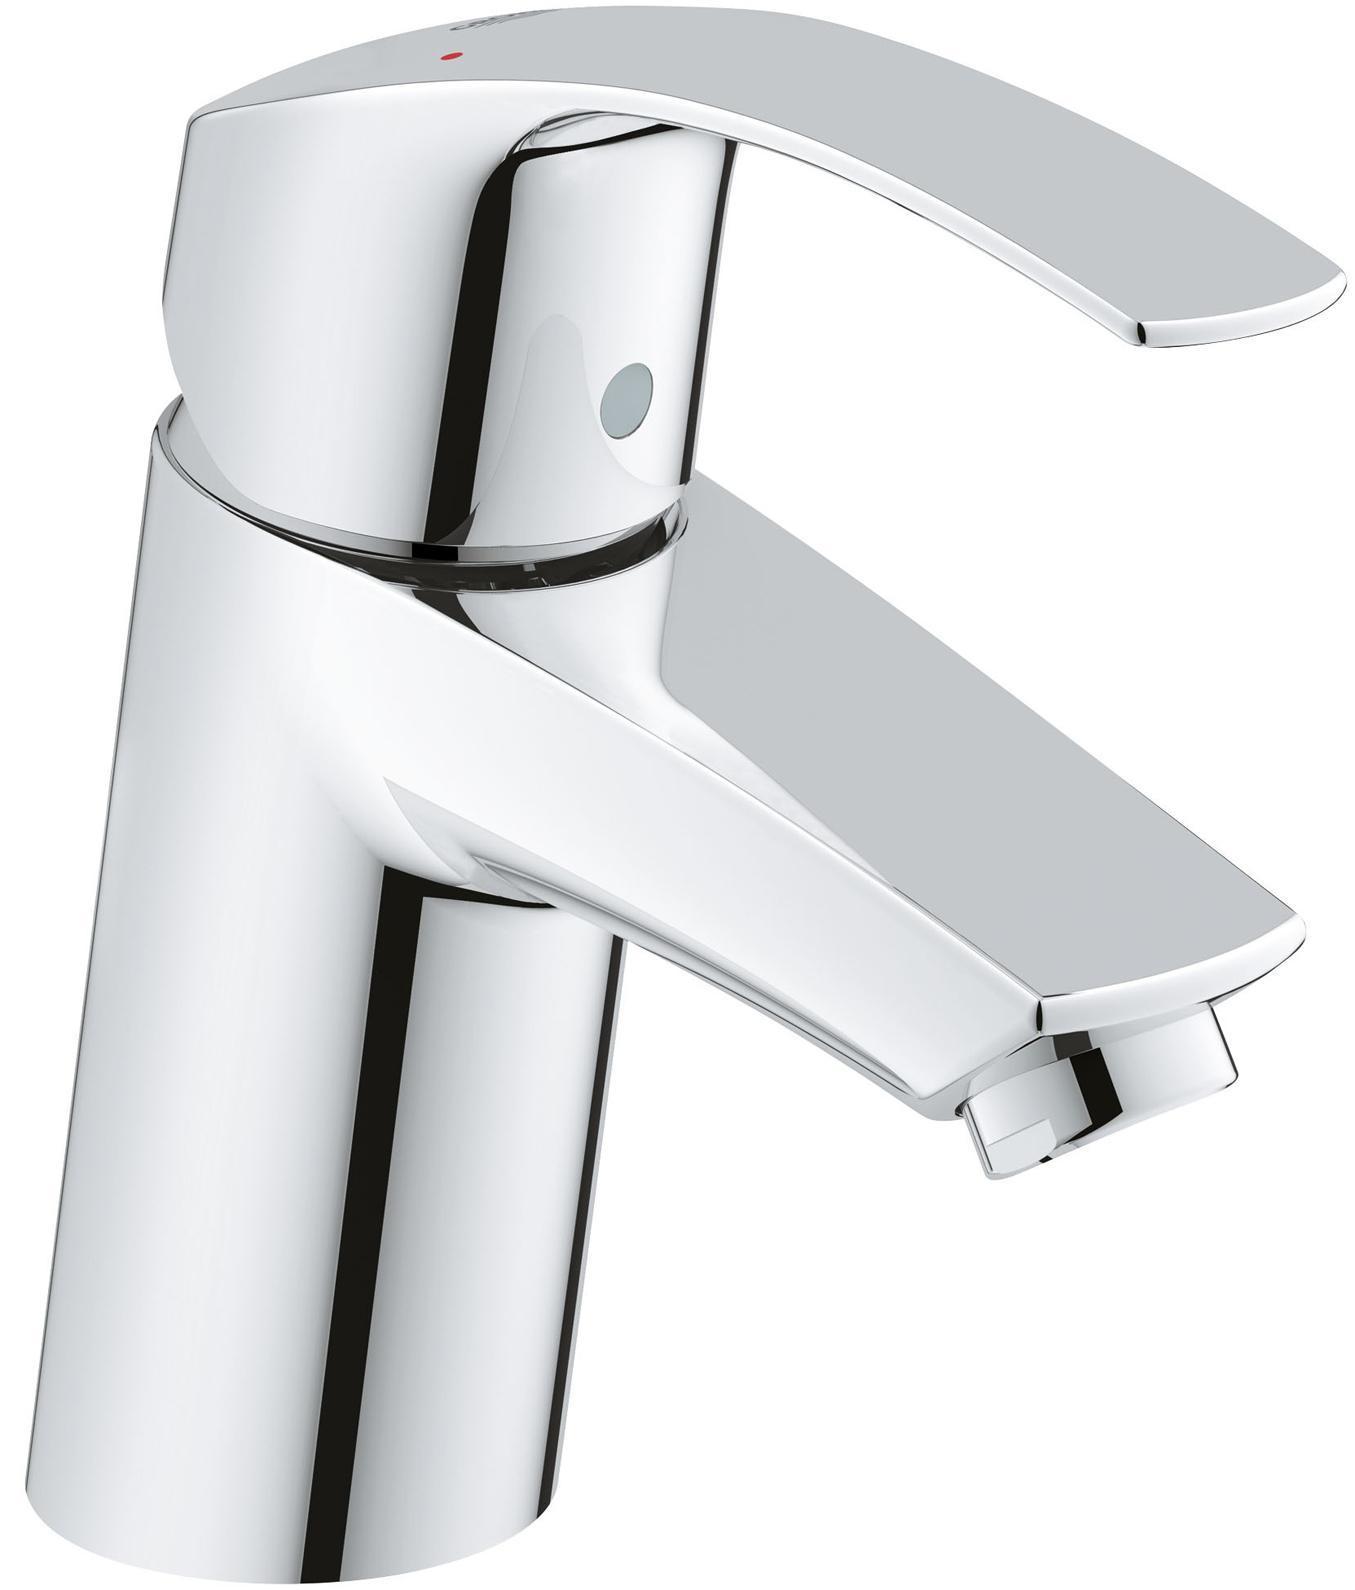 Смеситель для раковины GROHE Eurosmart New с низким изливом, хром32467002GROHE Eurosmart: смеситель для раковины в обтекаемом корпусе с износостойким глянцевым покрытием Если Вам необходим смеситель для ванной комнаты без встроенных сливных механизмов, Вам подойдет данная модель с цельным корпусом без штоков и цепочек. Хромированное покрытие GROHE StarLight придает смесителю роскошный блеск, подчеркивающий его лаконичный и эффектный дизайн. Картридж с прогрессивной технологией GROHE SilkMove сообщает рычагу чрезвычайно плавный ход, который сохраняется даже после многих лет интенсивной эксплуатации. Водосберегающий механизм GROHE EcoJoy обеспечивает экономию воды, достигающую 50%. Система упрощенного монтажа поможет установить смеситель и подготовить его к работе с минимальными затратами времени.Особенности:Монтаж на одно отверстие Металлический рычаг GROHE SilkMove керамический картридж 35 мм С ограничителем температуры Регулировка расхода воды GROHE StarLight хромированная поверхностьGROHE EcoJoy5.7 л/мин Гладкий корпус Гибкая подводка GROHE QuickFix быстрая монтажная система Видео по установке является исключительно информационным. Установка должна проводиться профессионалами! Серия: Eurosmart New; цвет: хром